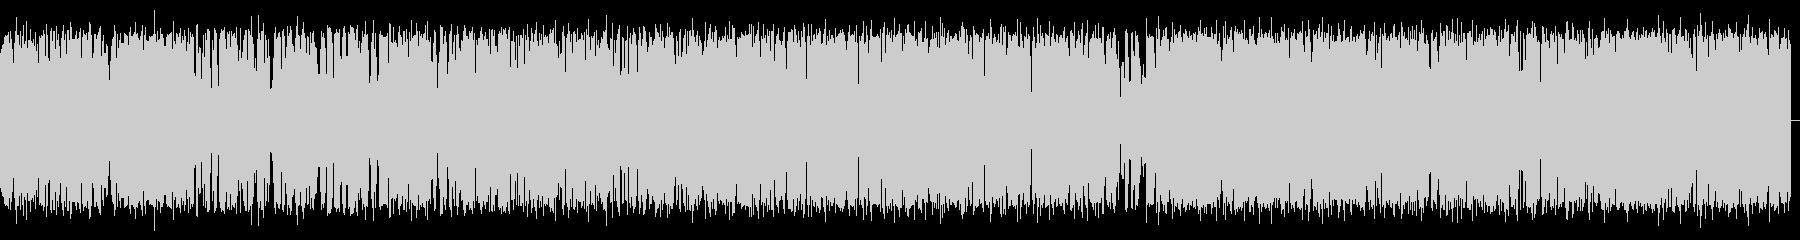 小型クルーズ船の風切り音の未再生の波形